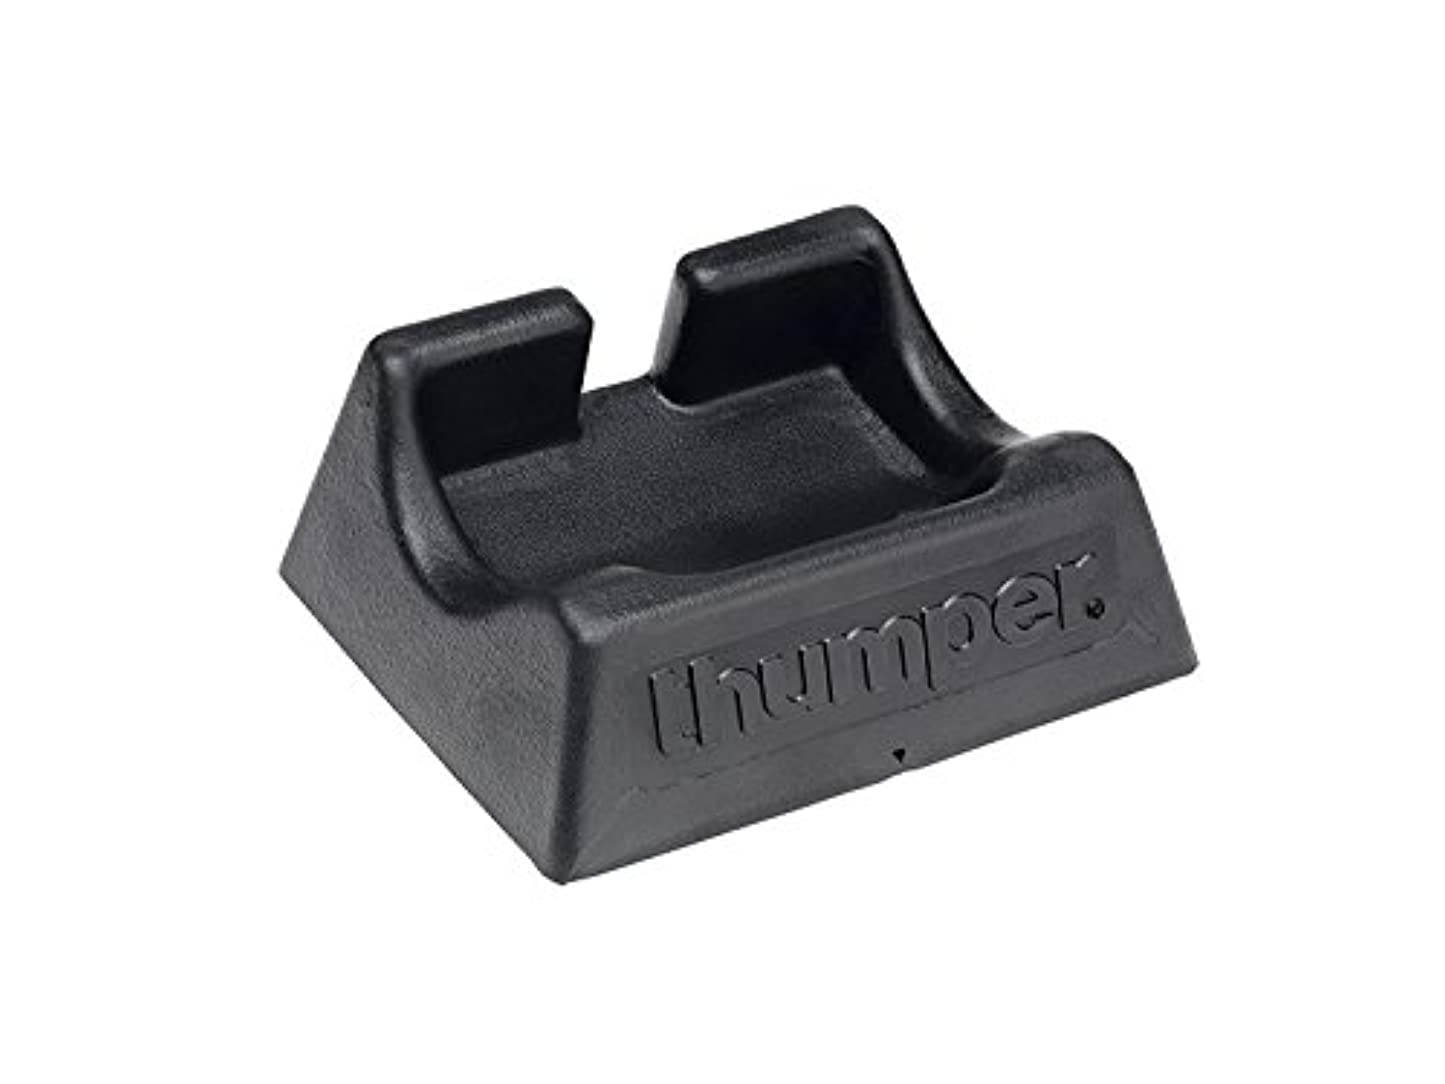 アーサーコナンドイル準備ができて格納Thumper Maxi Pro フットマッサージスタンド